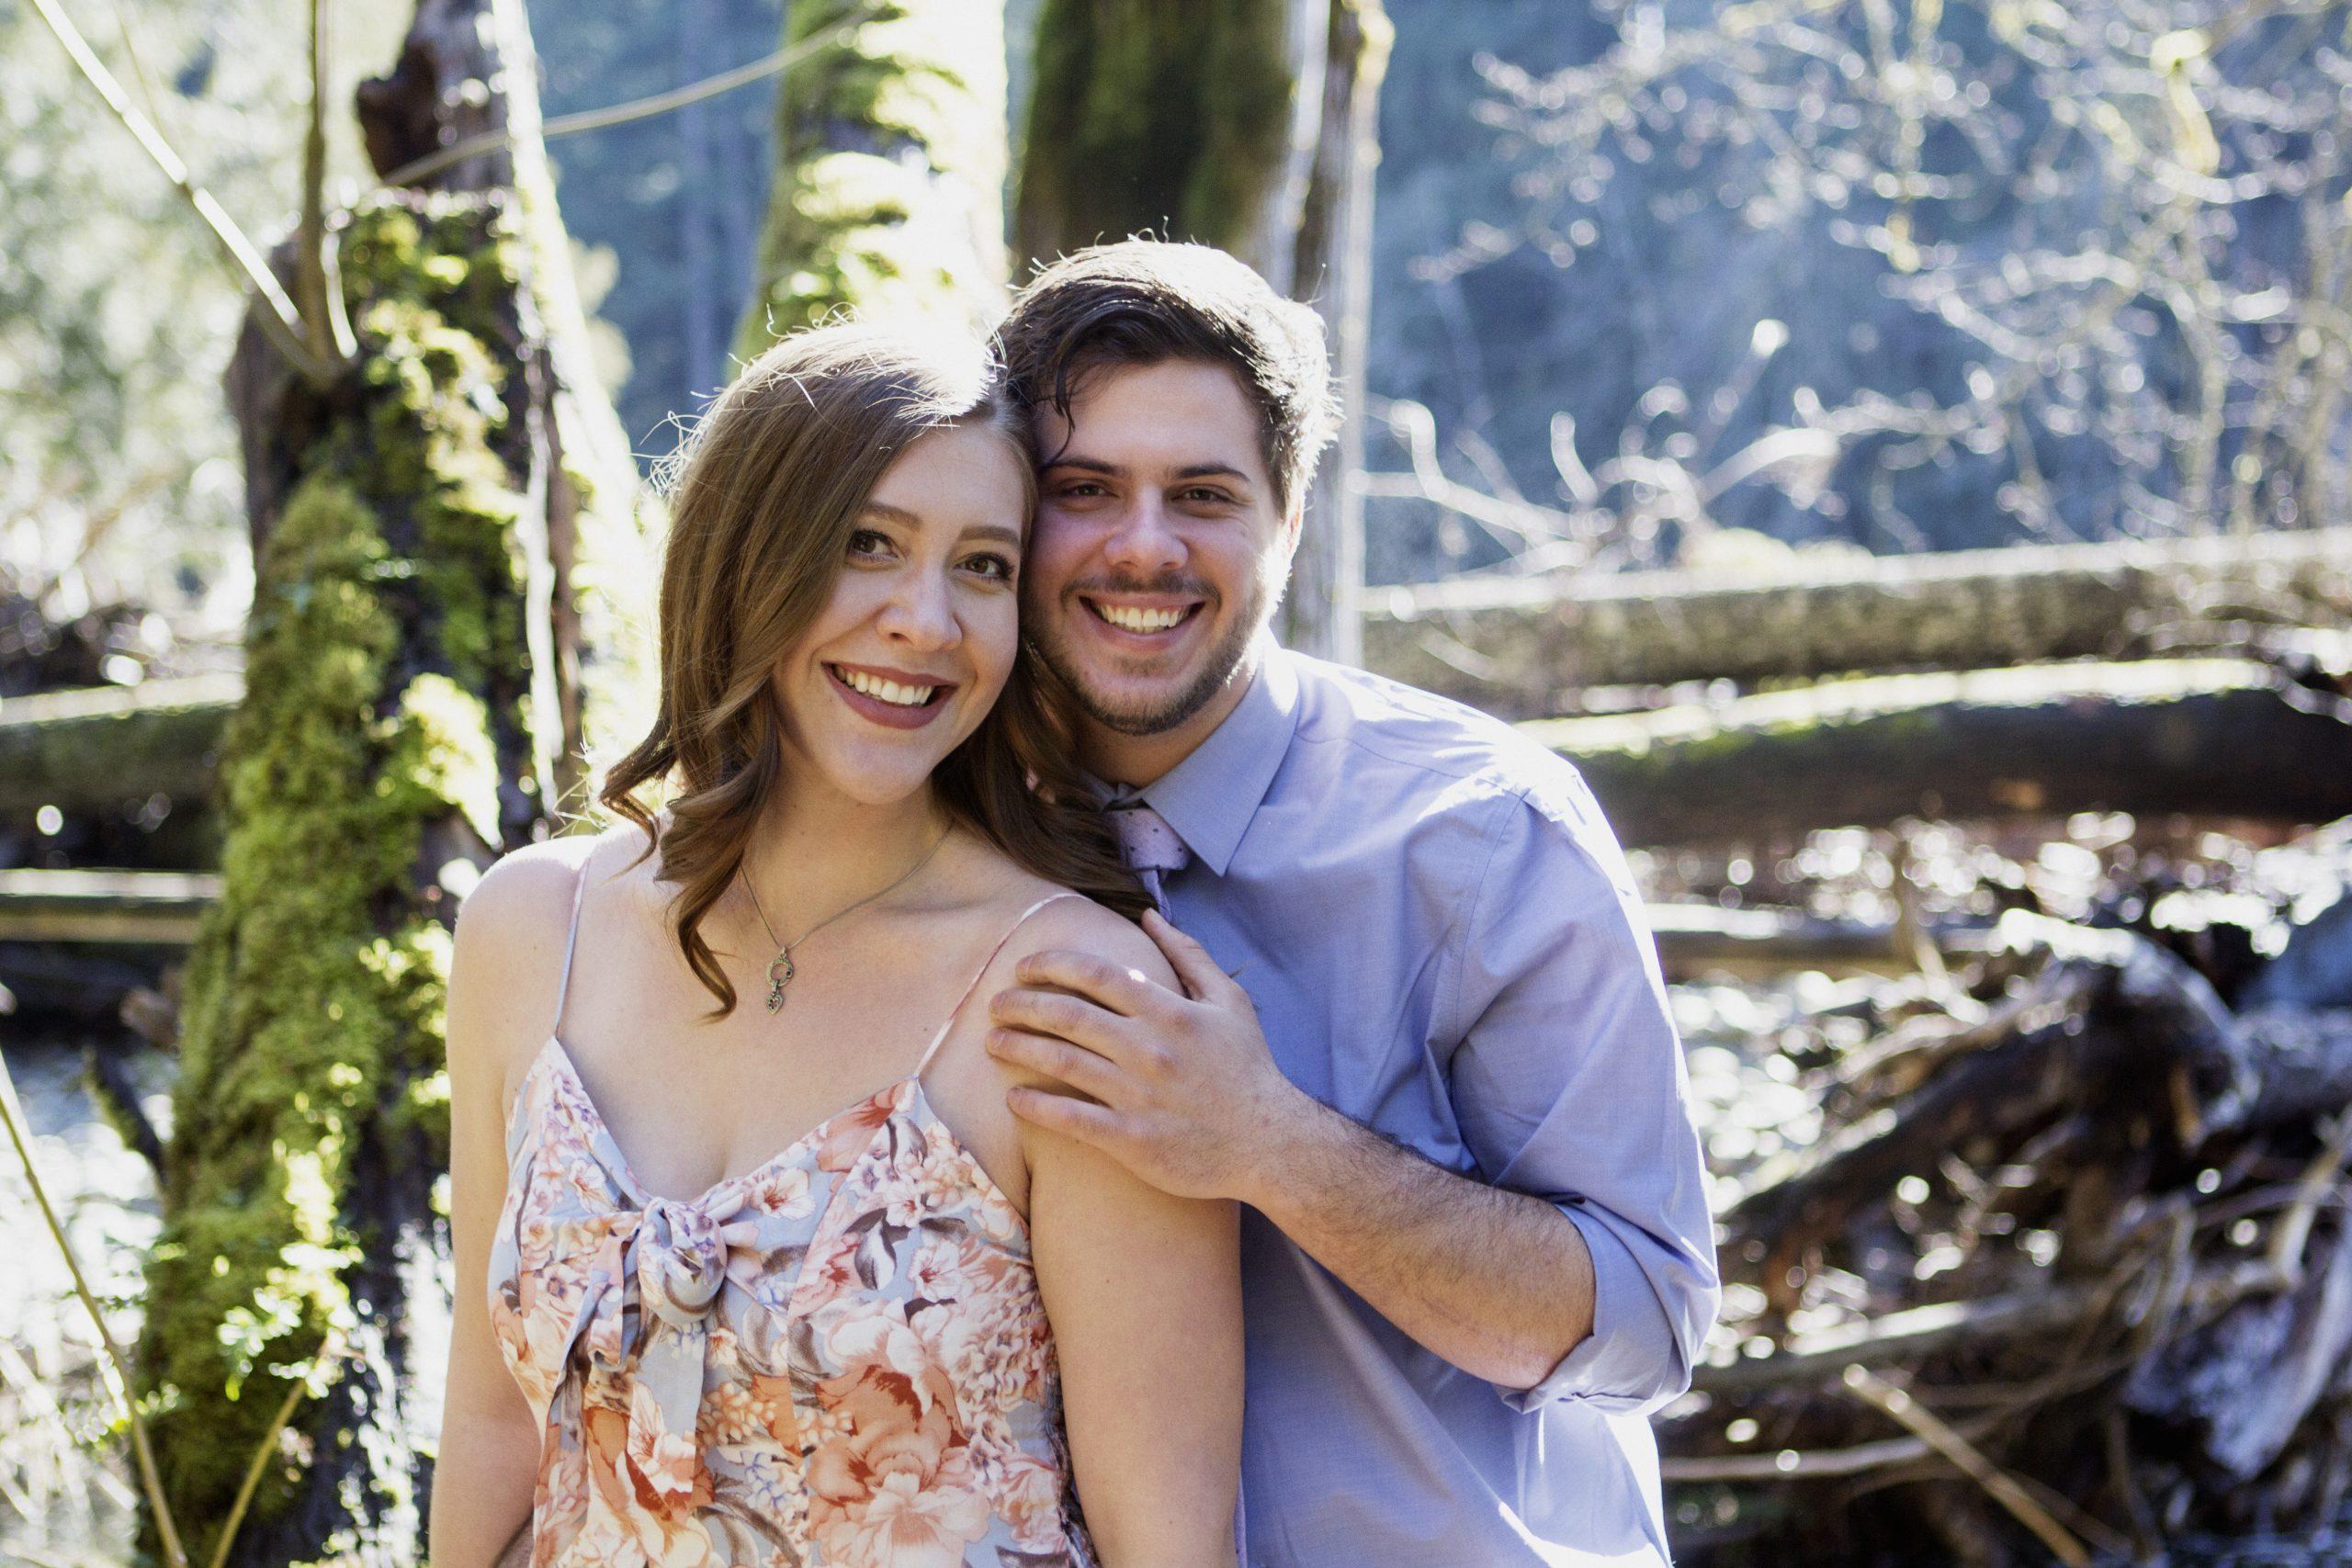 Nanaimo Wedding Photographer | Parksville Wedding Photographer | Nanaimo River Engagement Photos